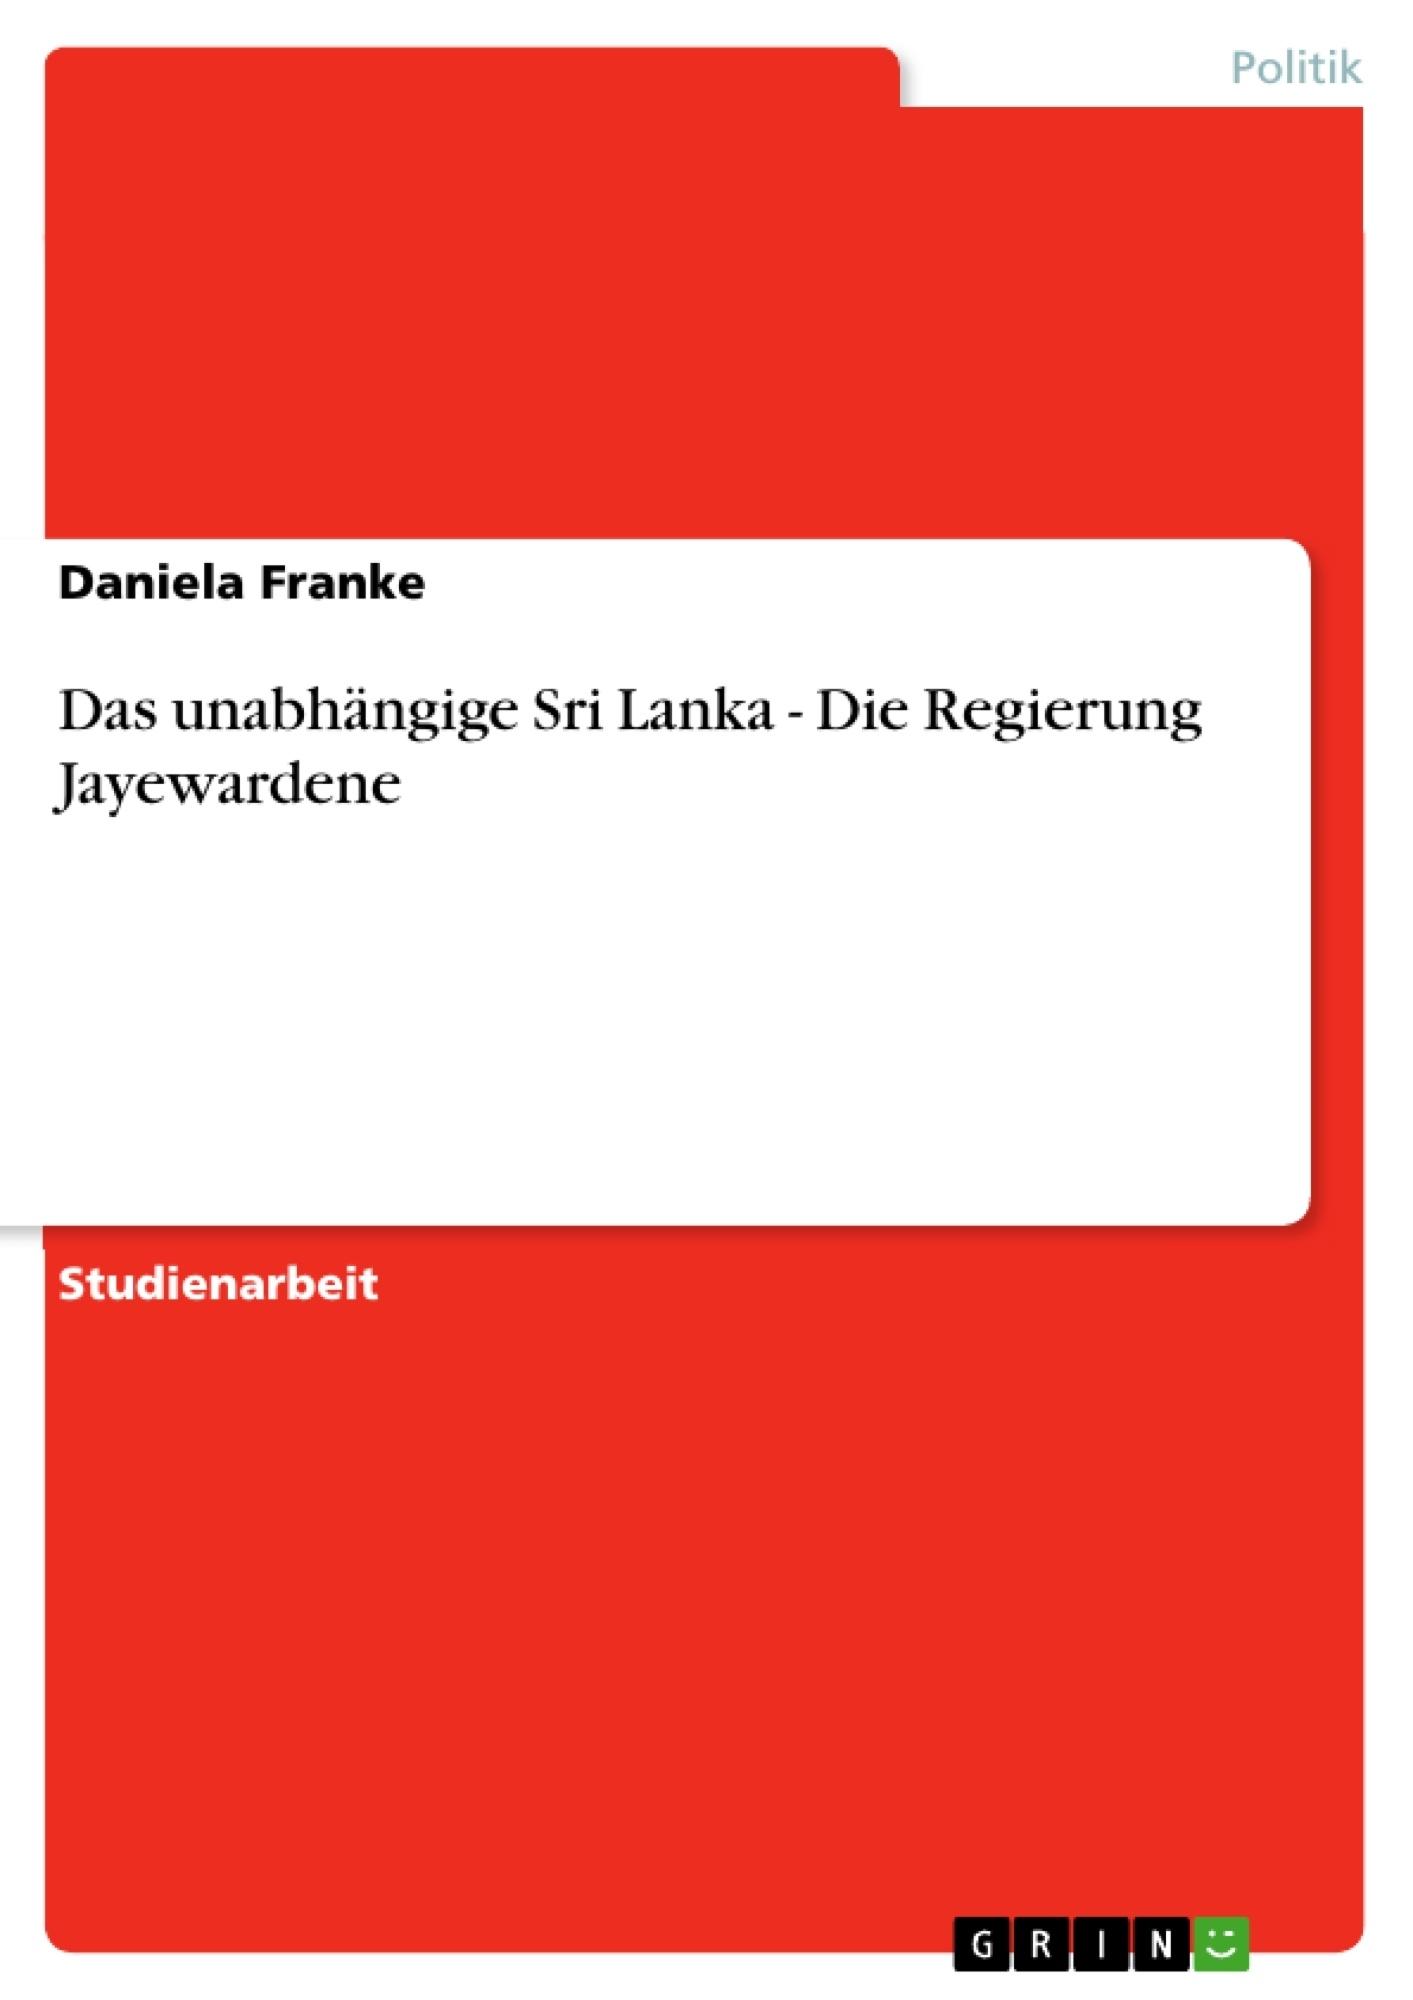 Titel: Das unabhängige Sri Lanka - Die Regierung Jayewardene